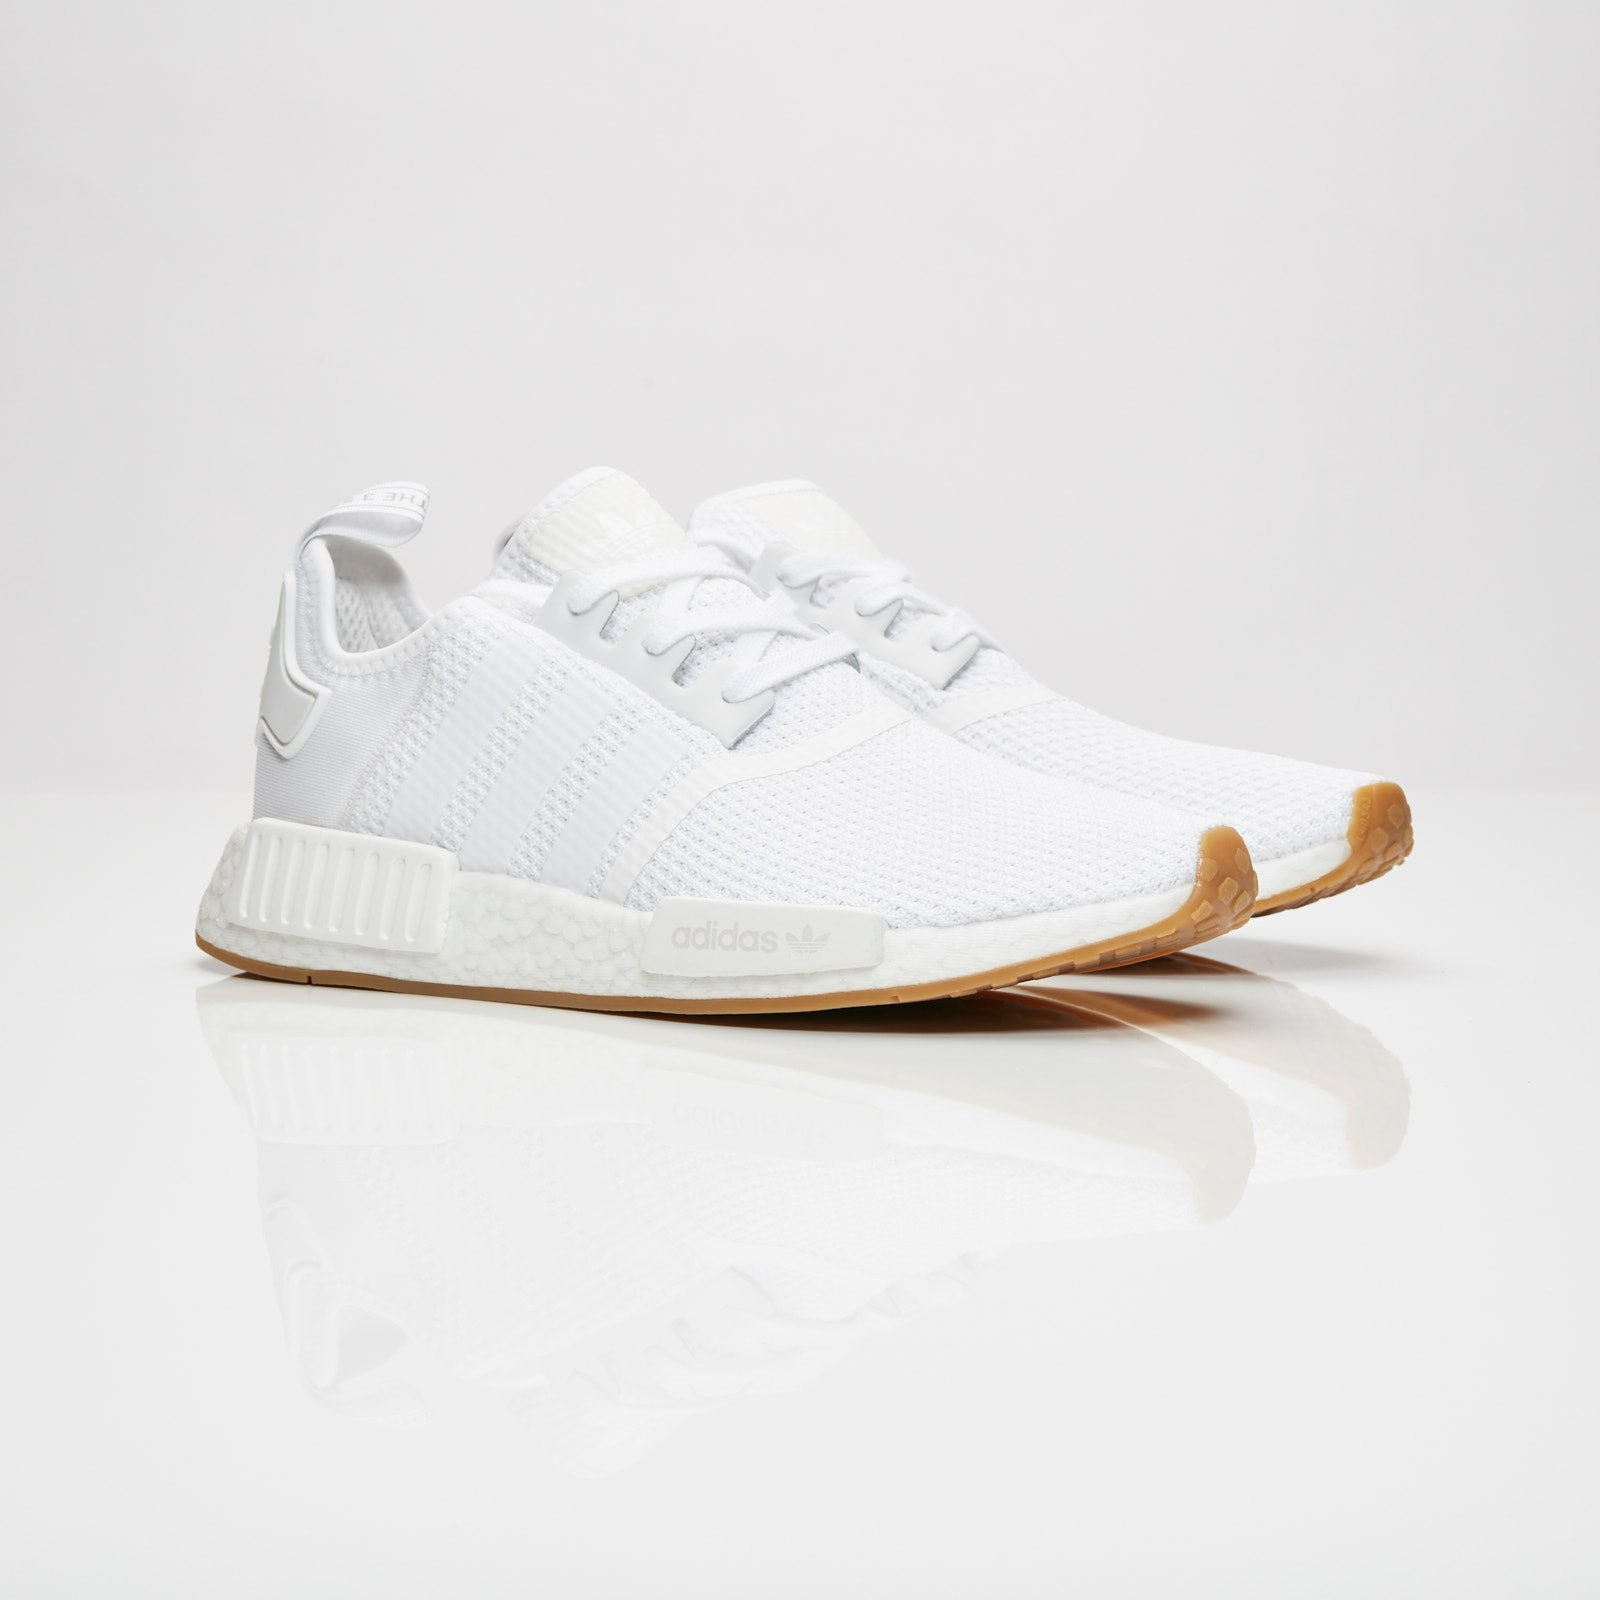 SneakersnstuffSneakersamp; D96635 På Nmd R1 Adidas Streetwear eD9WEIH2Y